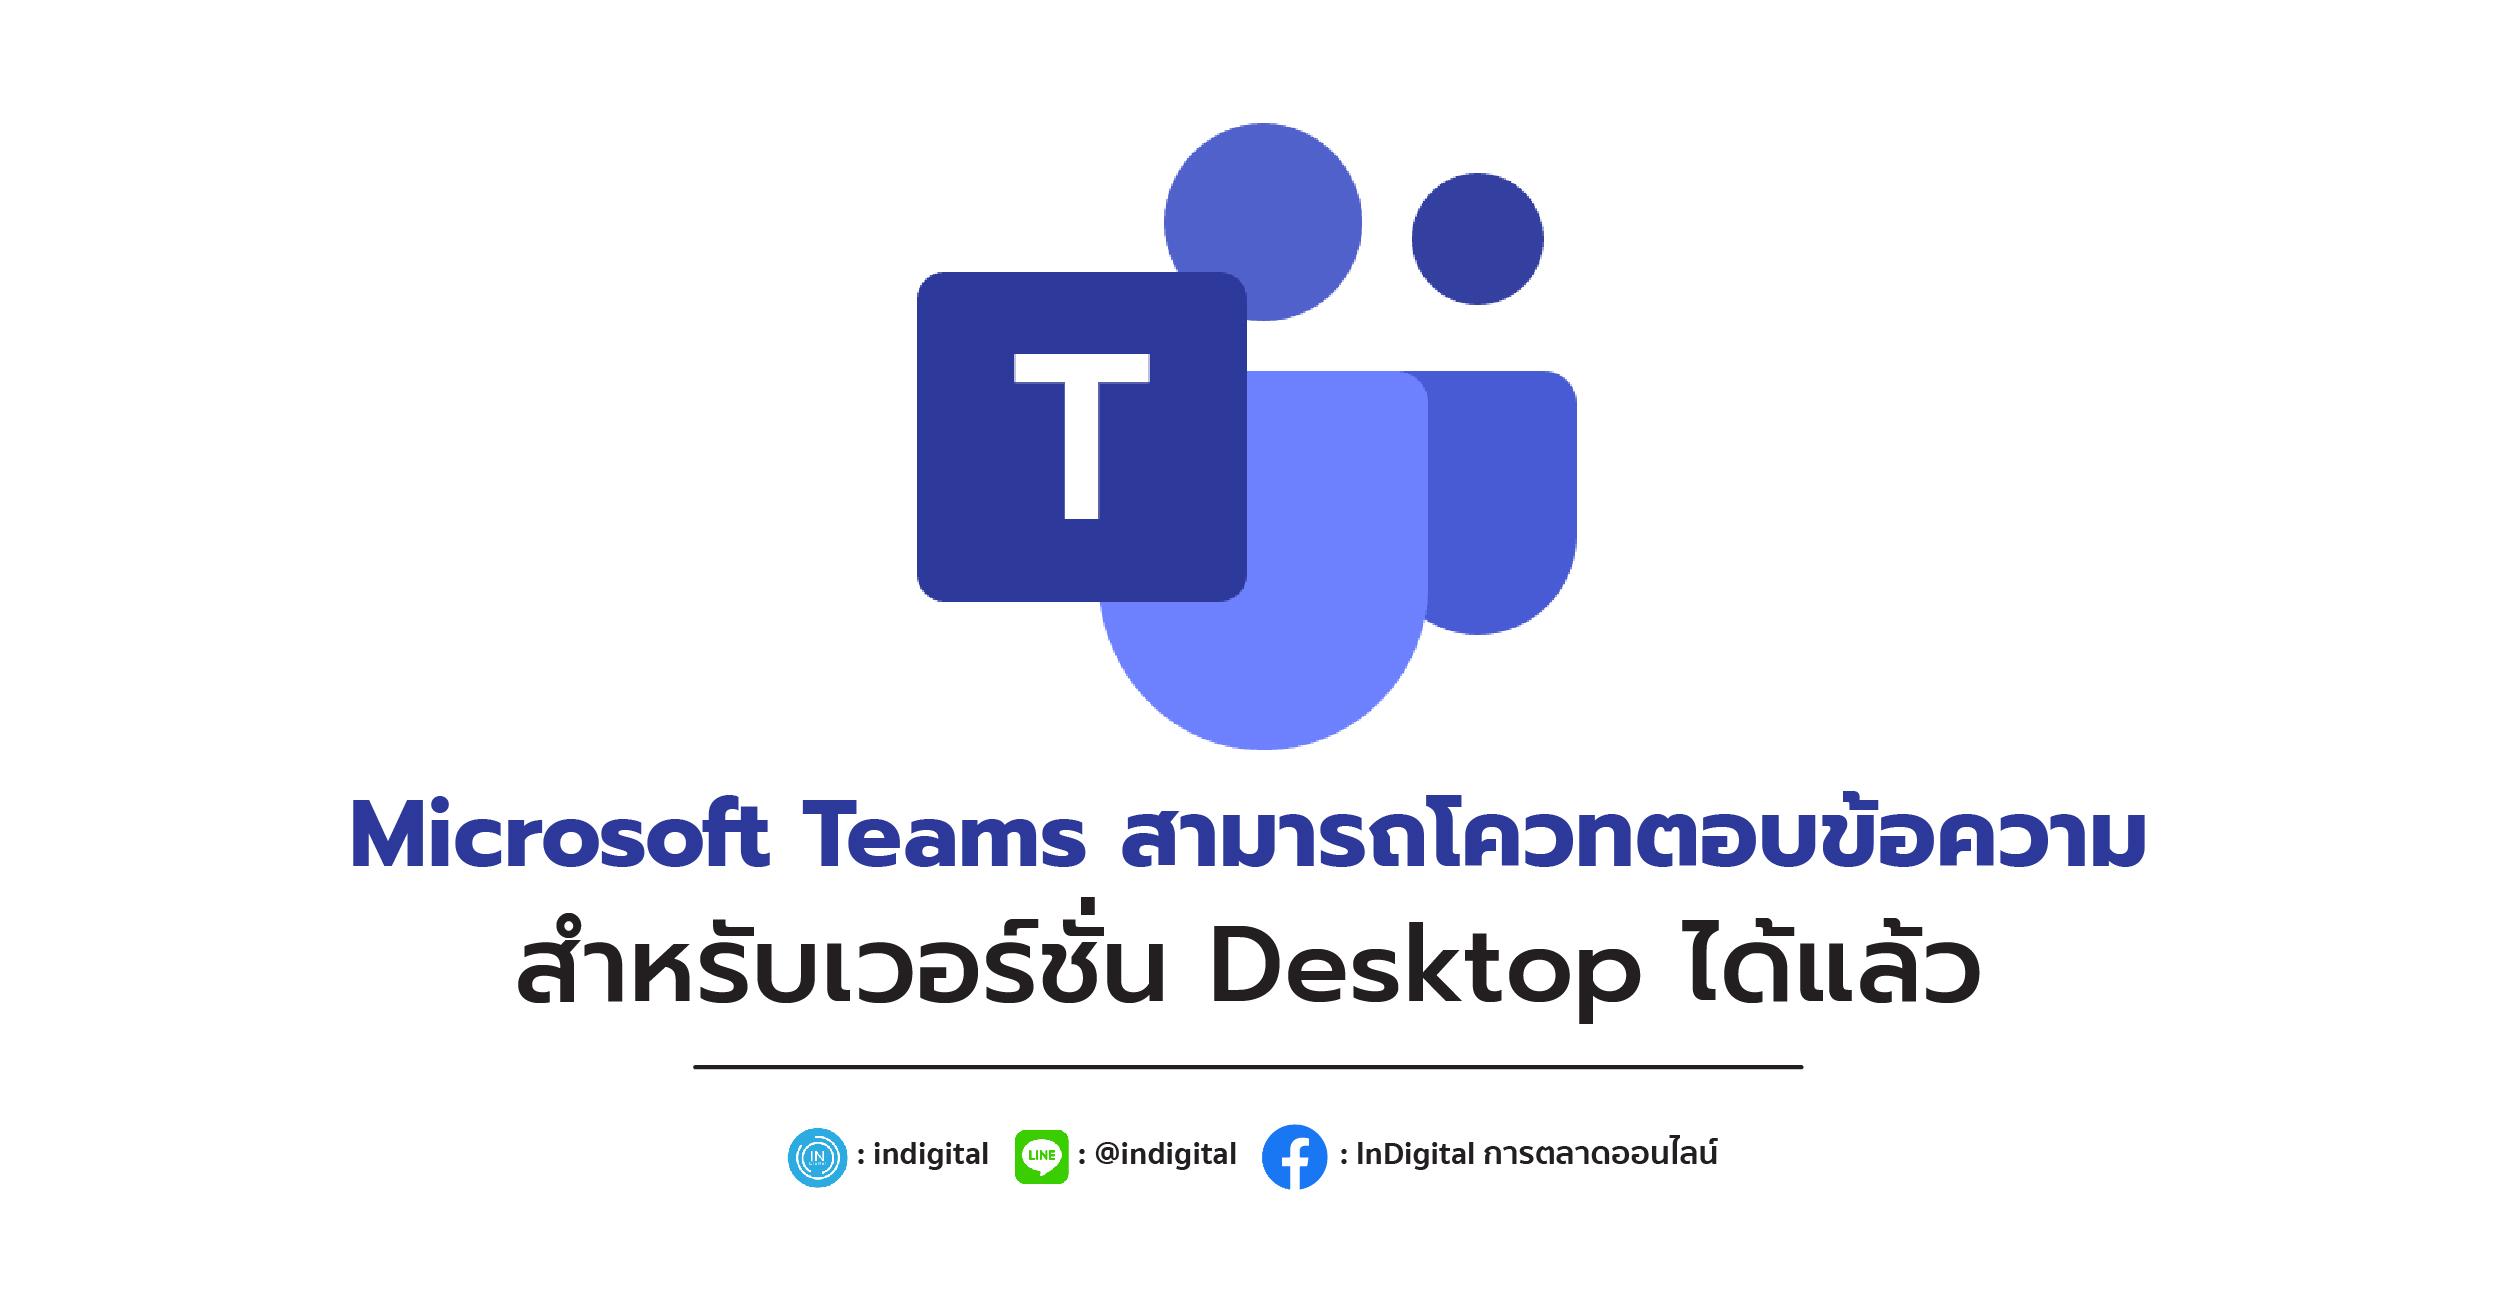 Microsoft Teams สามารถโควทตอบข้อความสำหรับเวอร์ชั่น Desktop